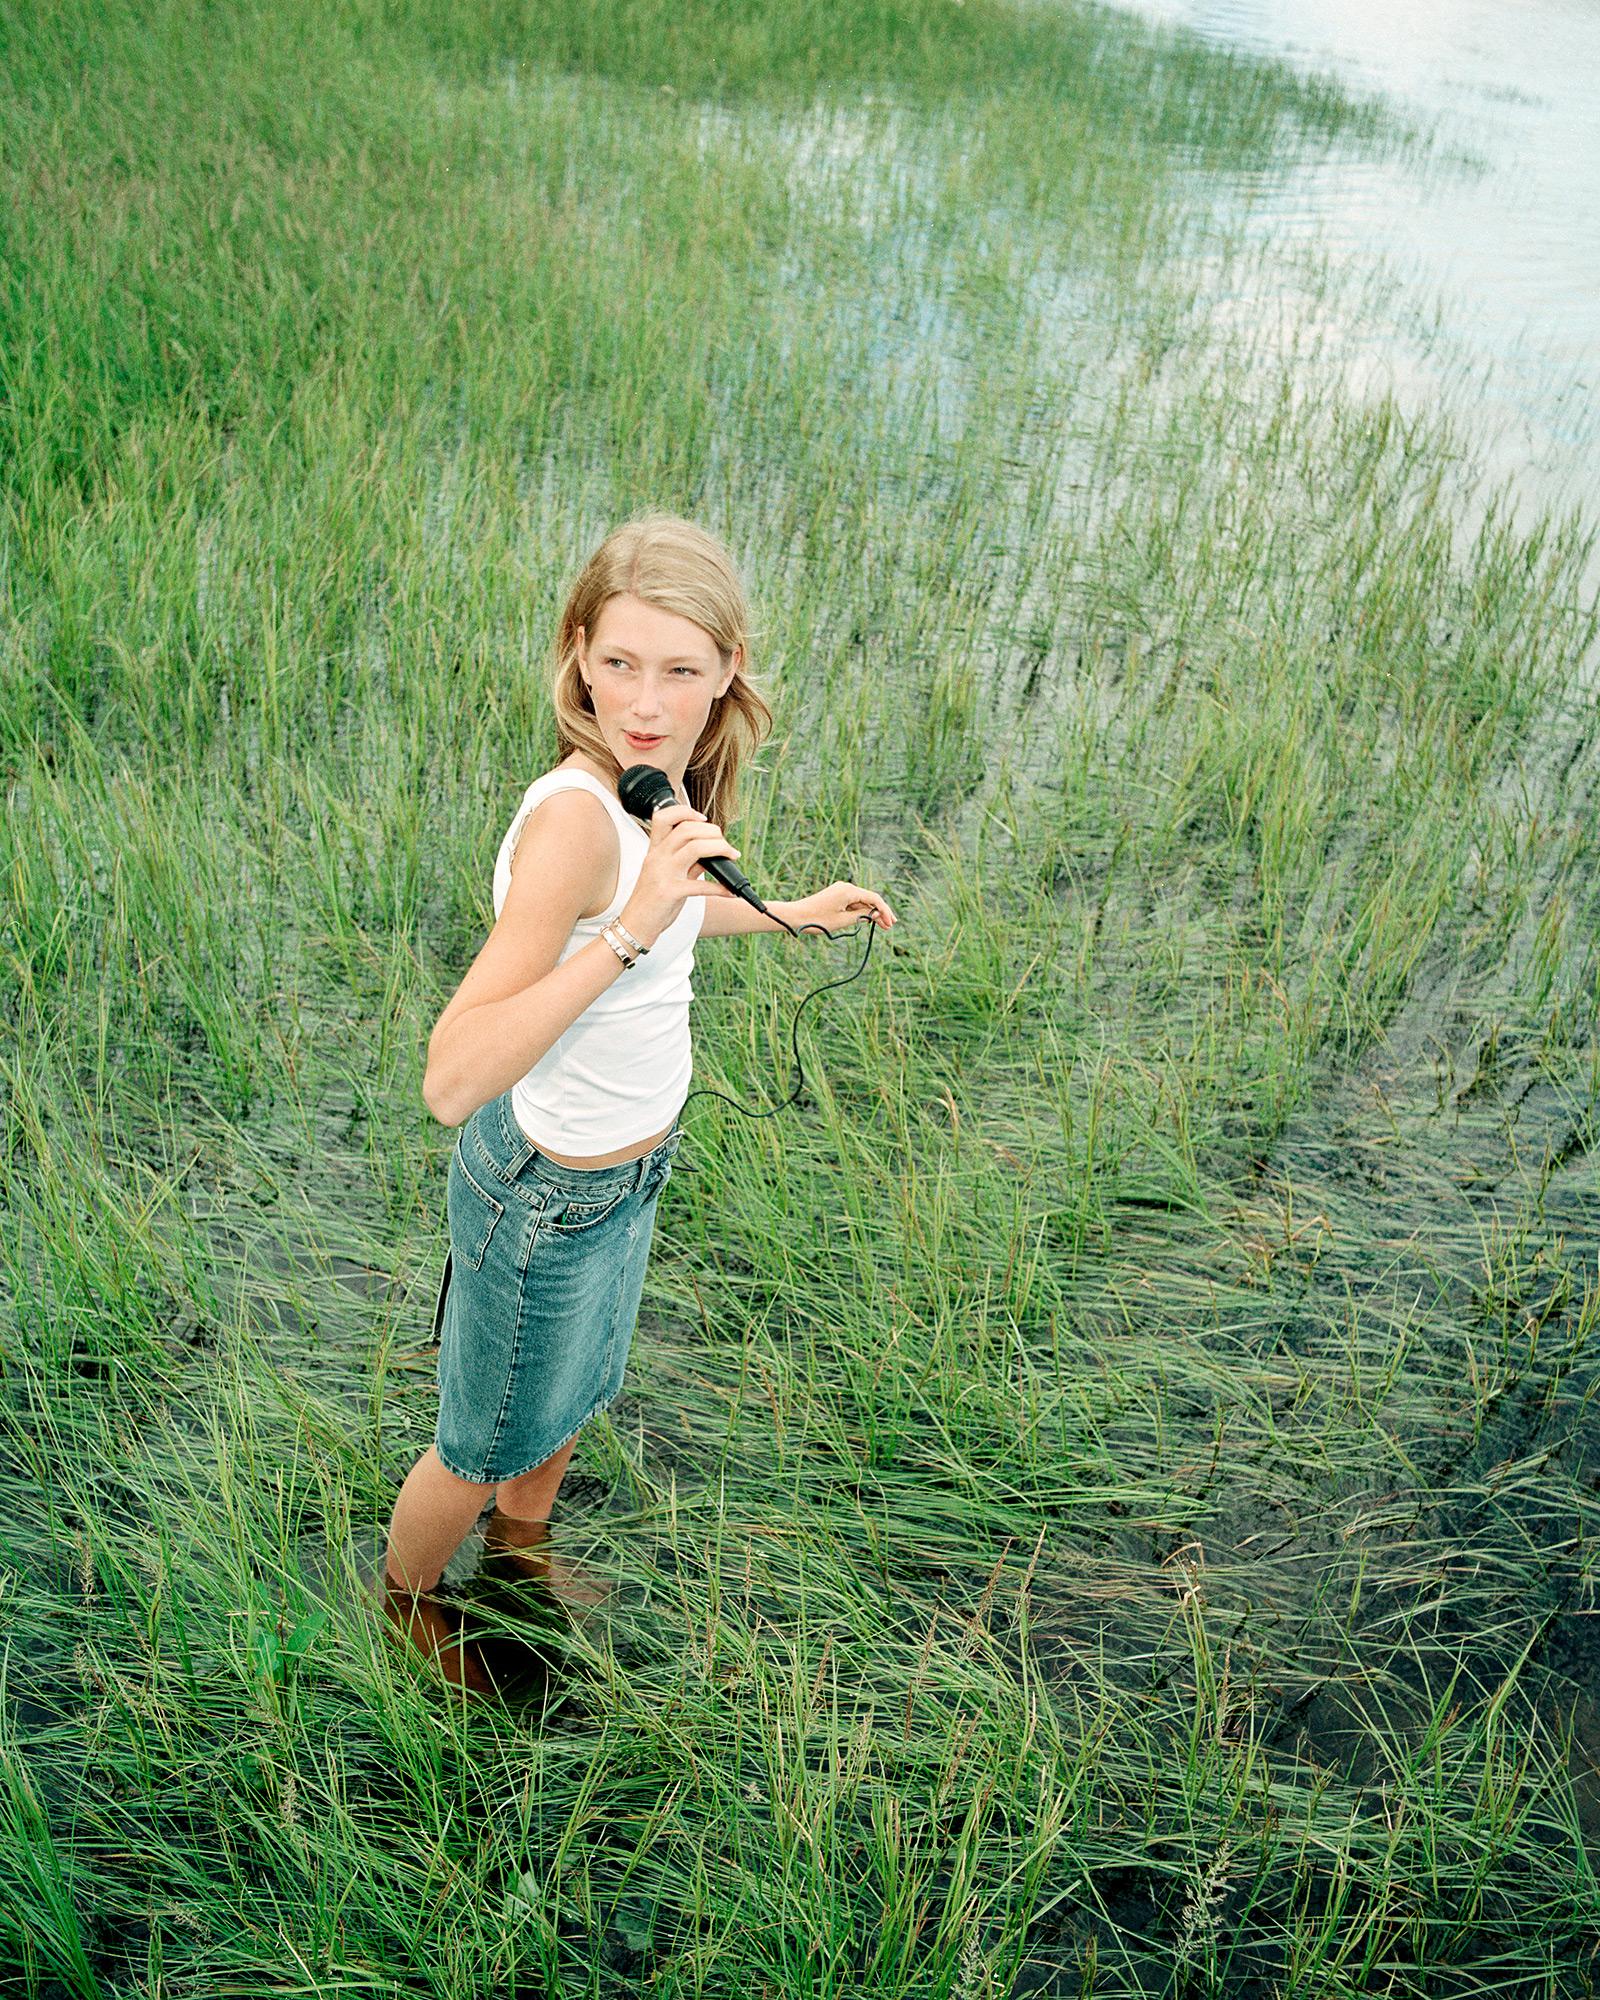 träffa tjejer i gräsmark